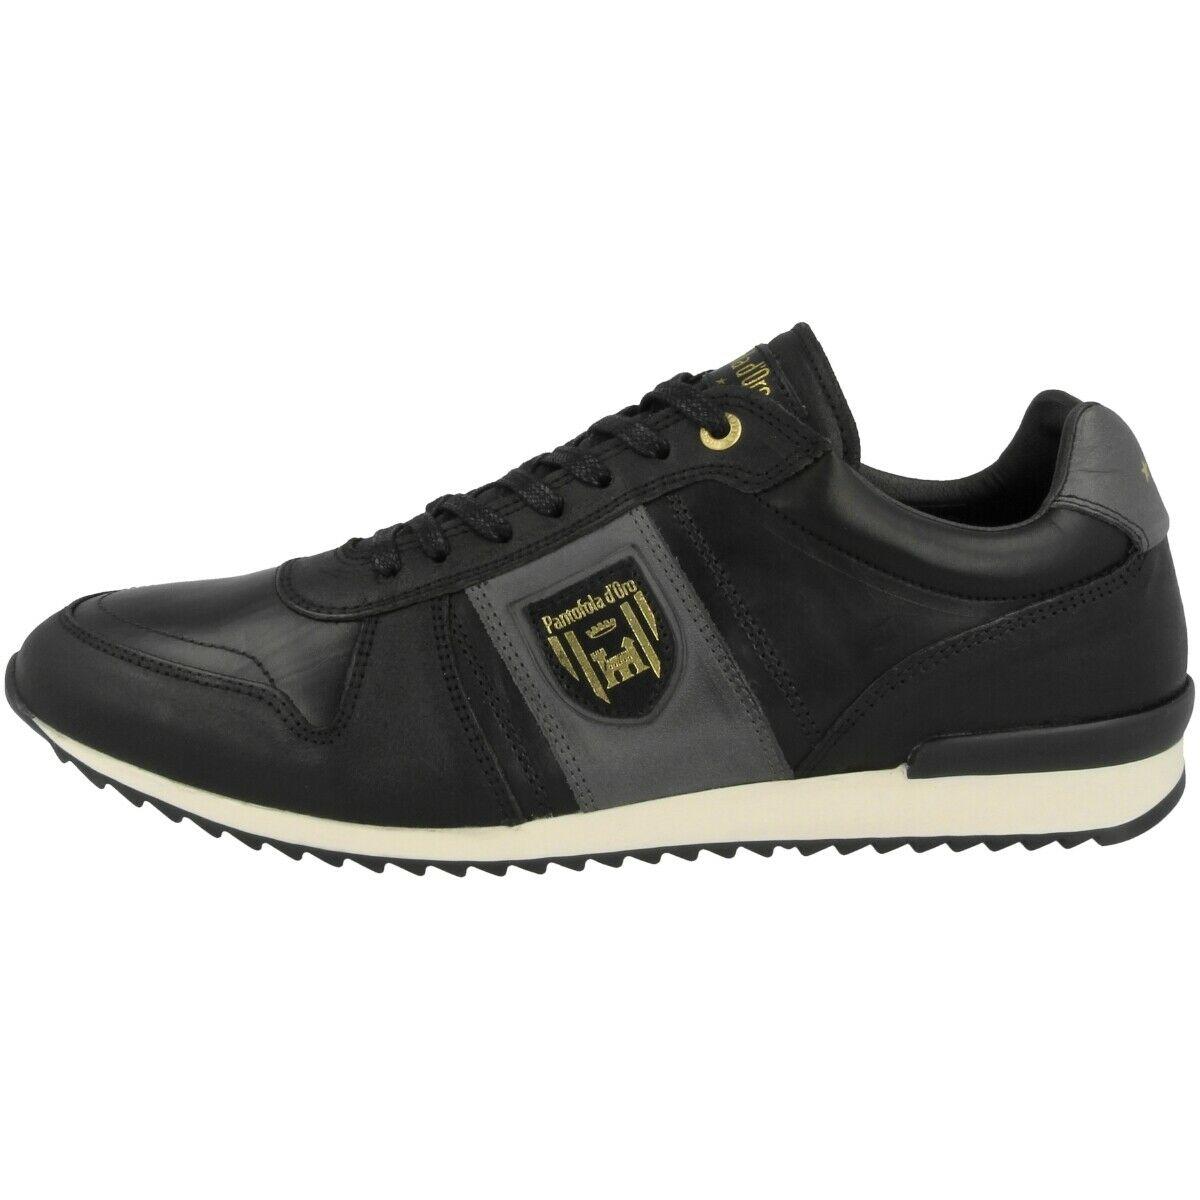 Pantofola D oro umito hombres Low zapatos Men Mens Casual zapatilla de deporte 10193028.25Y